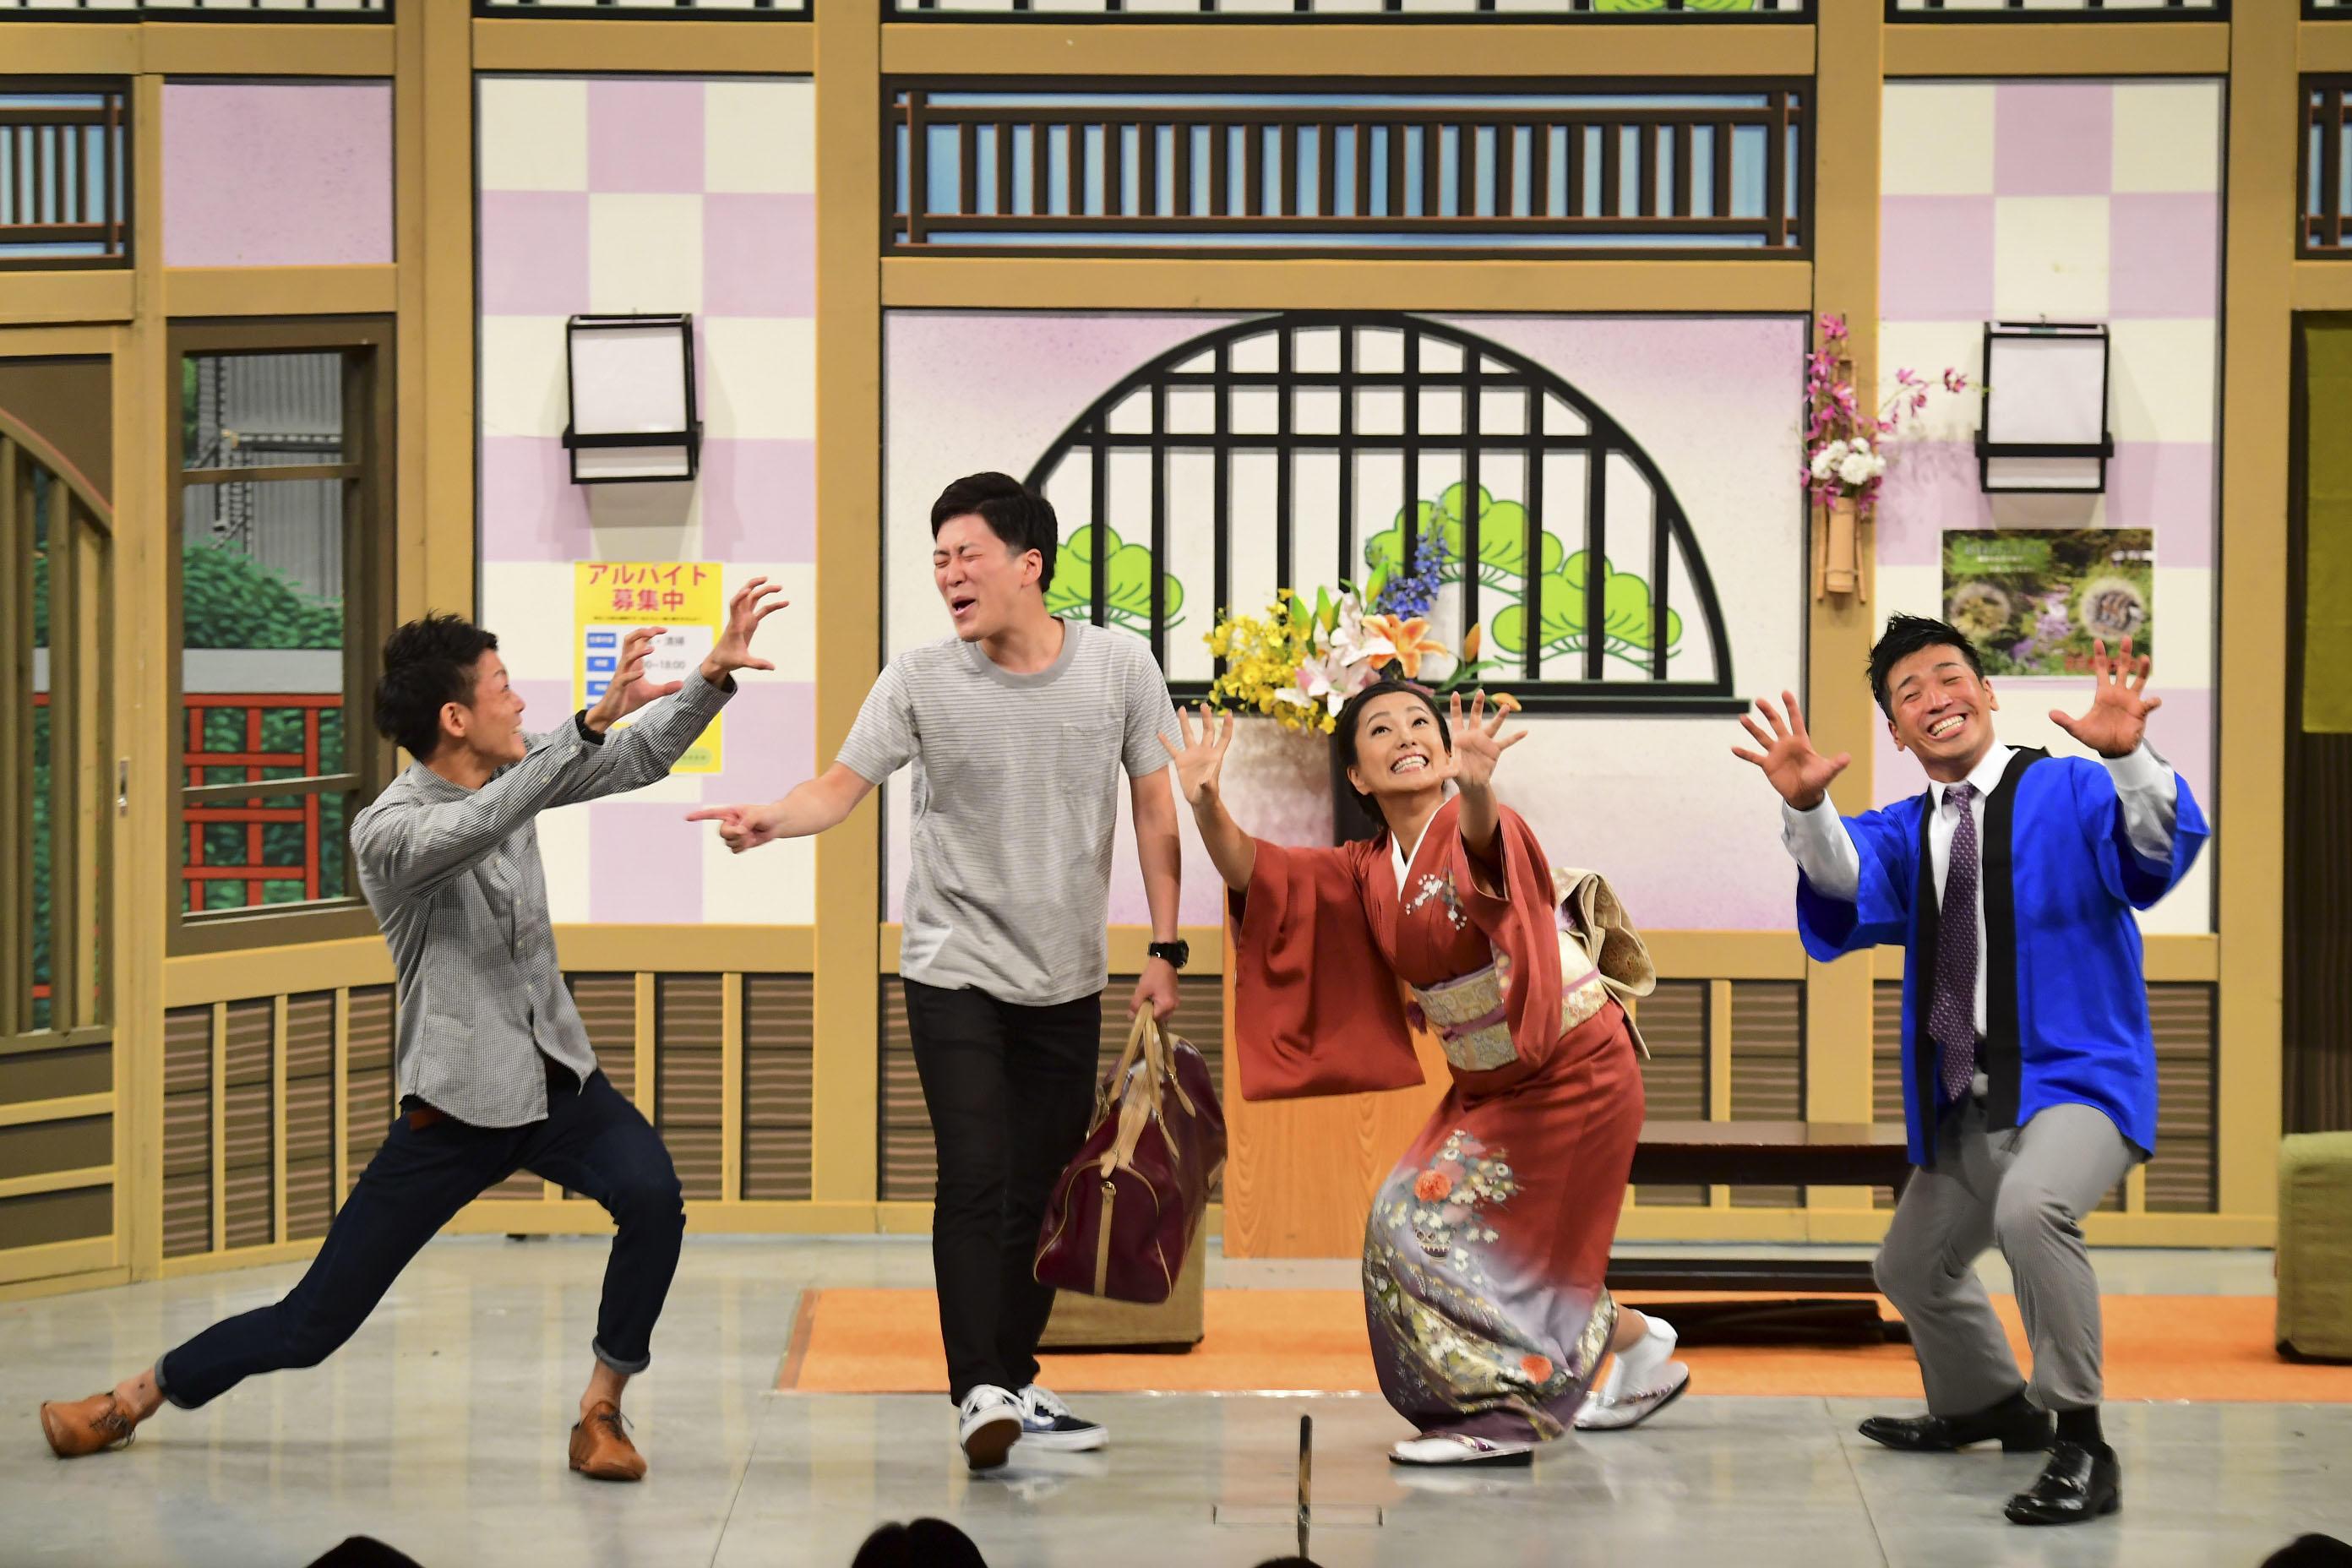 http://news.yoshimoto.co.jp/20170909191143-149de29824d6669e15a38c4fbea35d77d46f5087.jpg